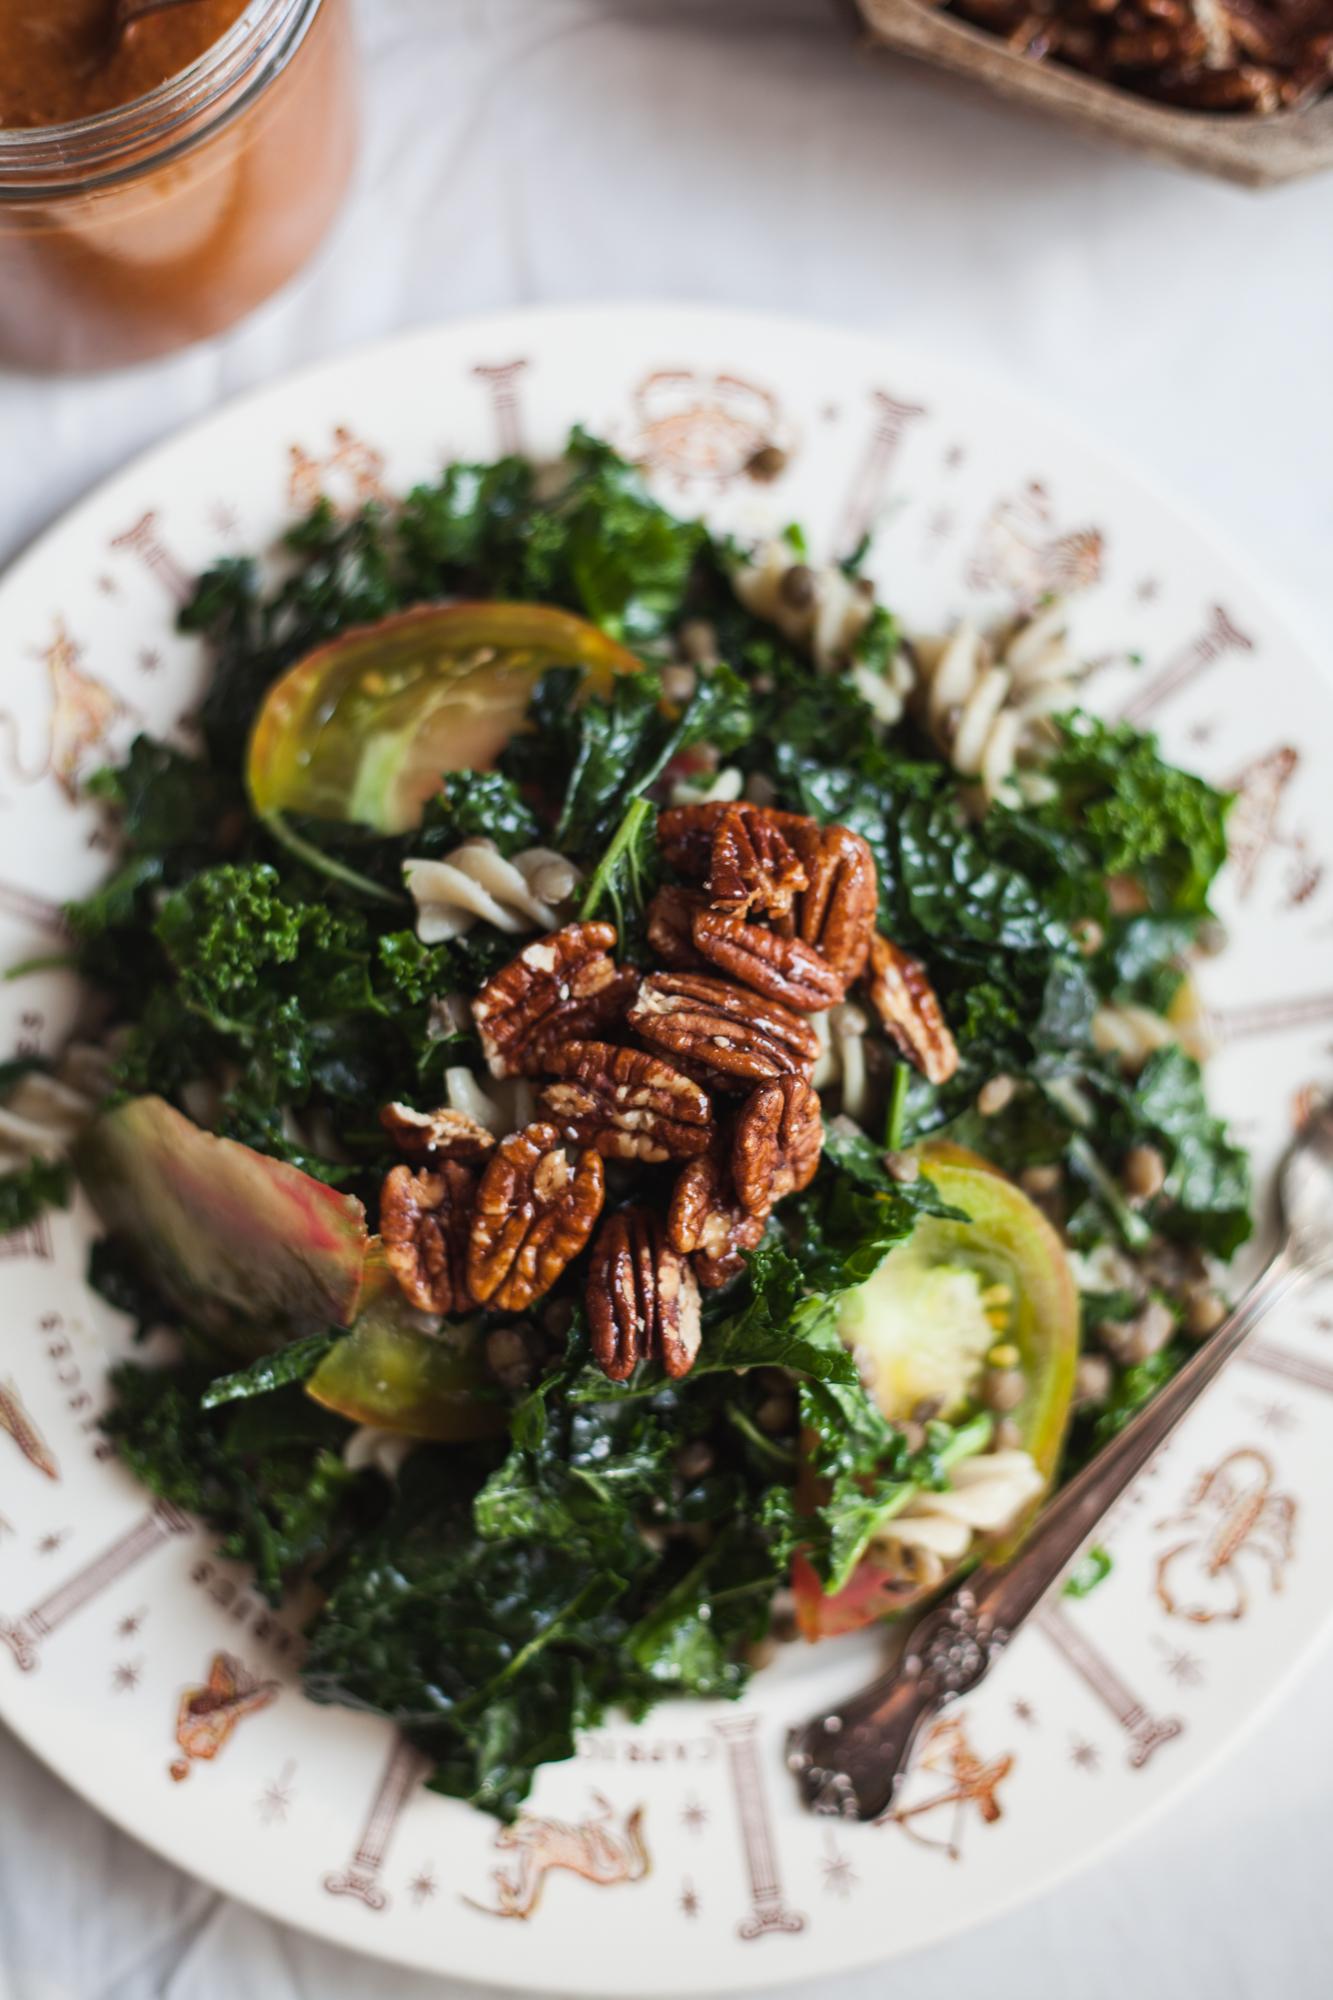 kale-lentil-pasta-salad-7.jpg